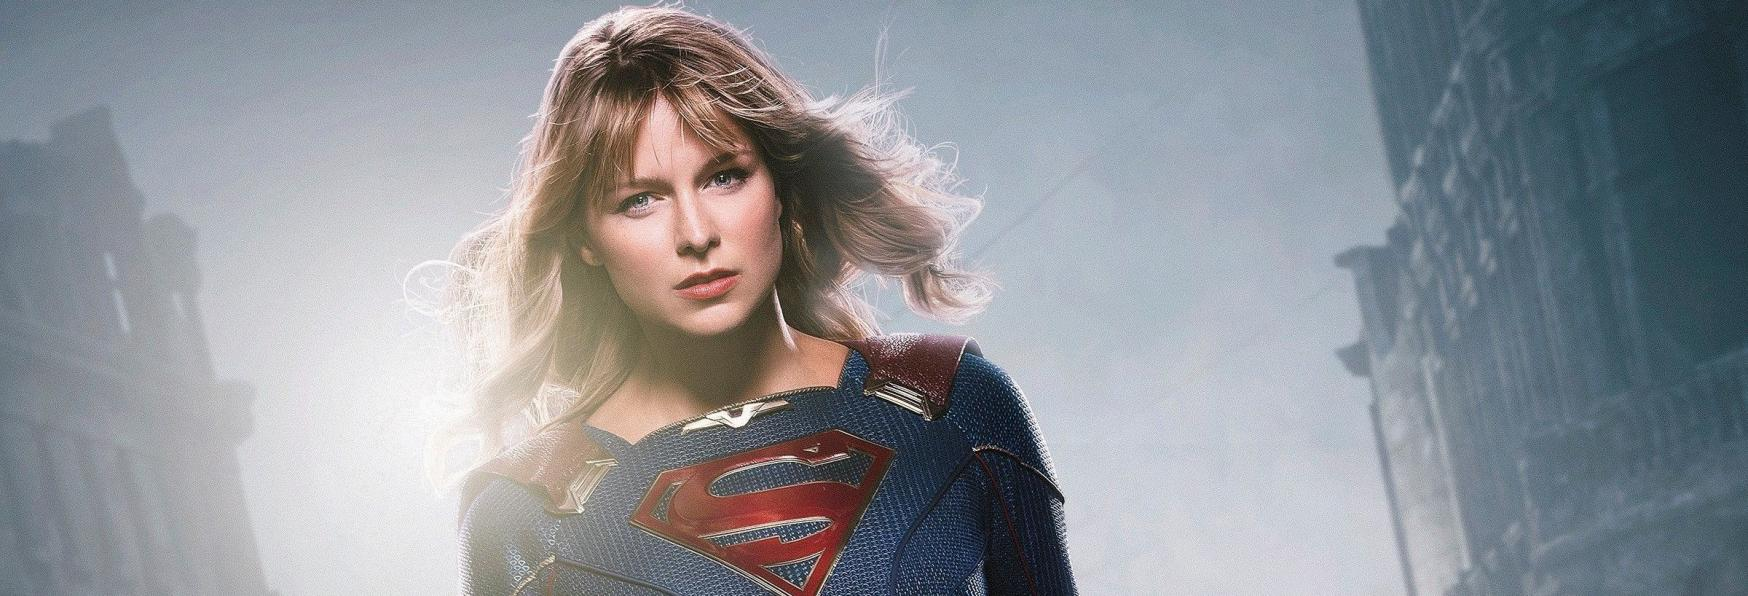 Supergirl 6: la star della Serie TV David Harewood annuncia l'inizio delle Riprese